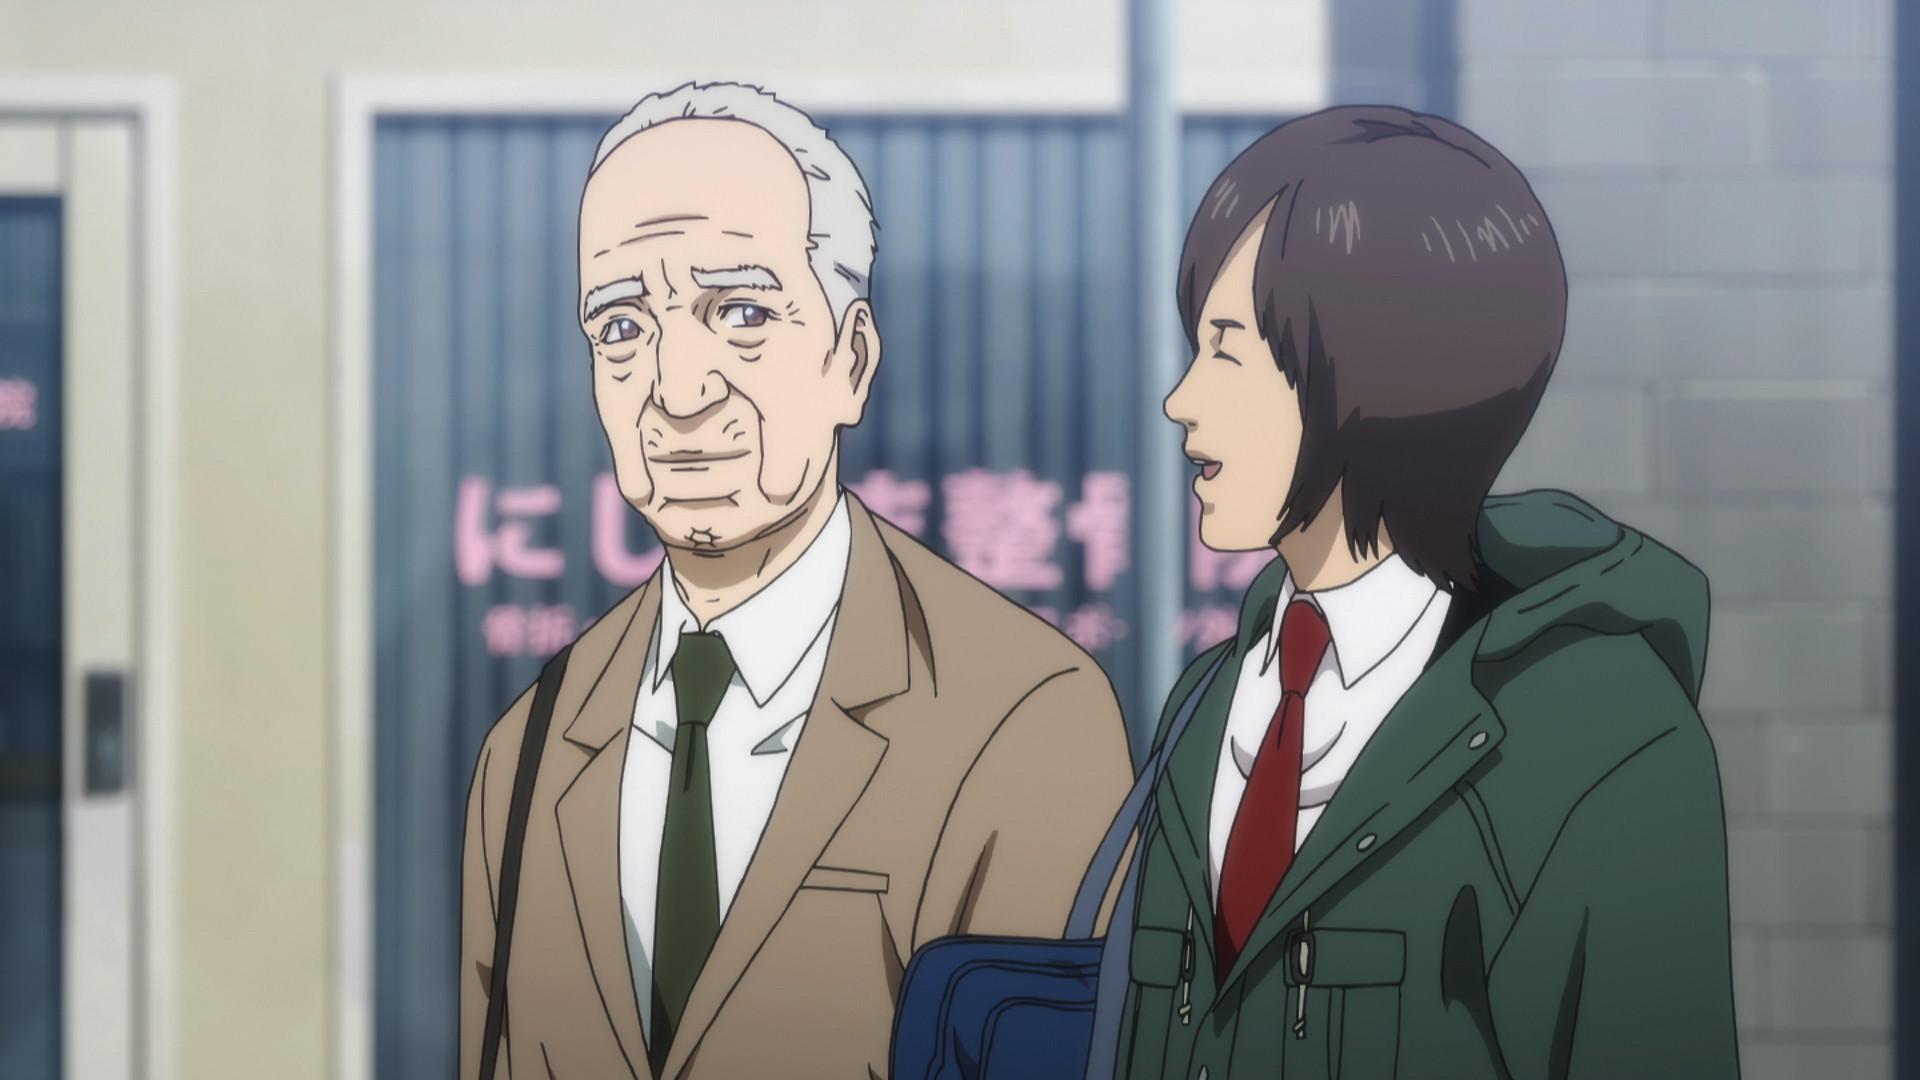 いぬやしき 第8話「犬屋敷麻理」 ついに警察署を襲うヒロに鳥肌!【感想コラム】